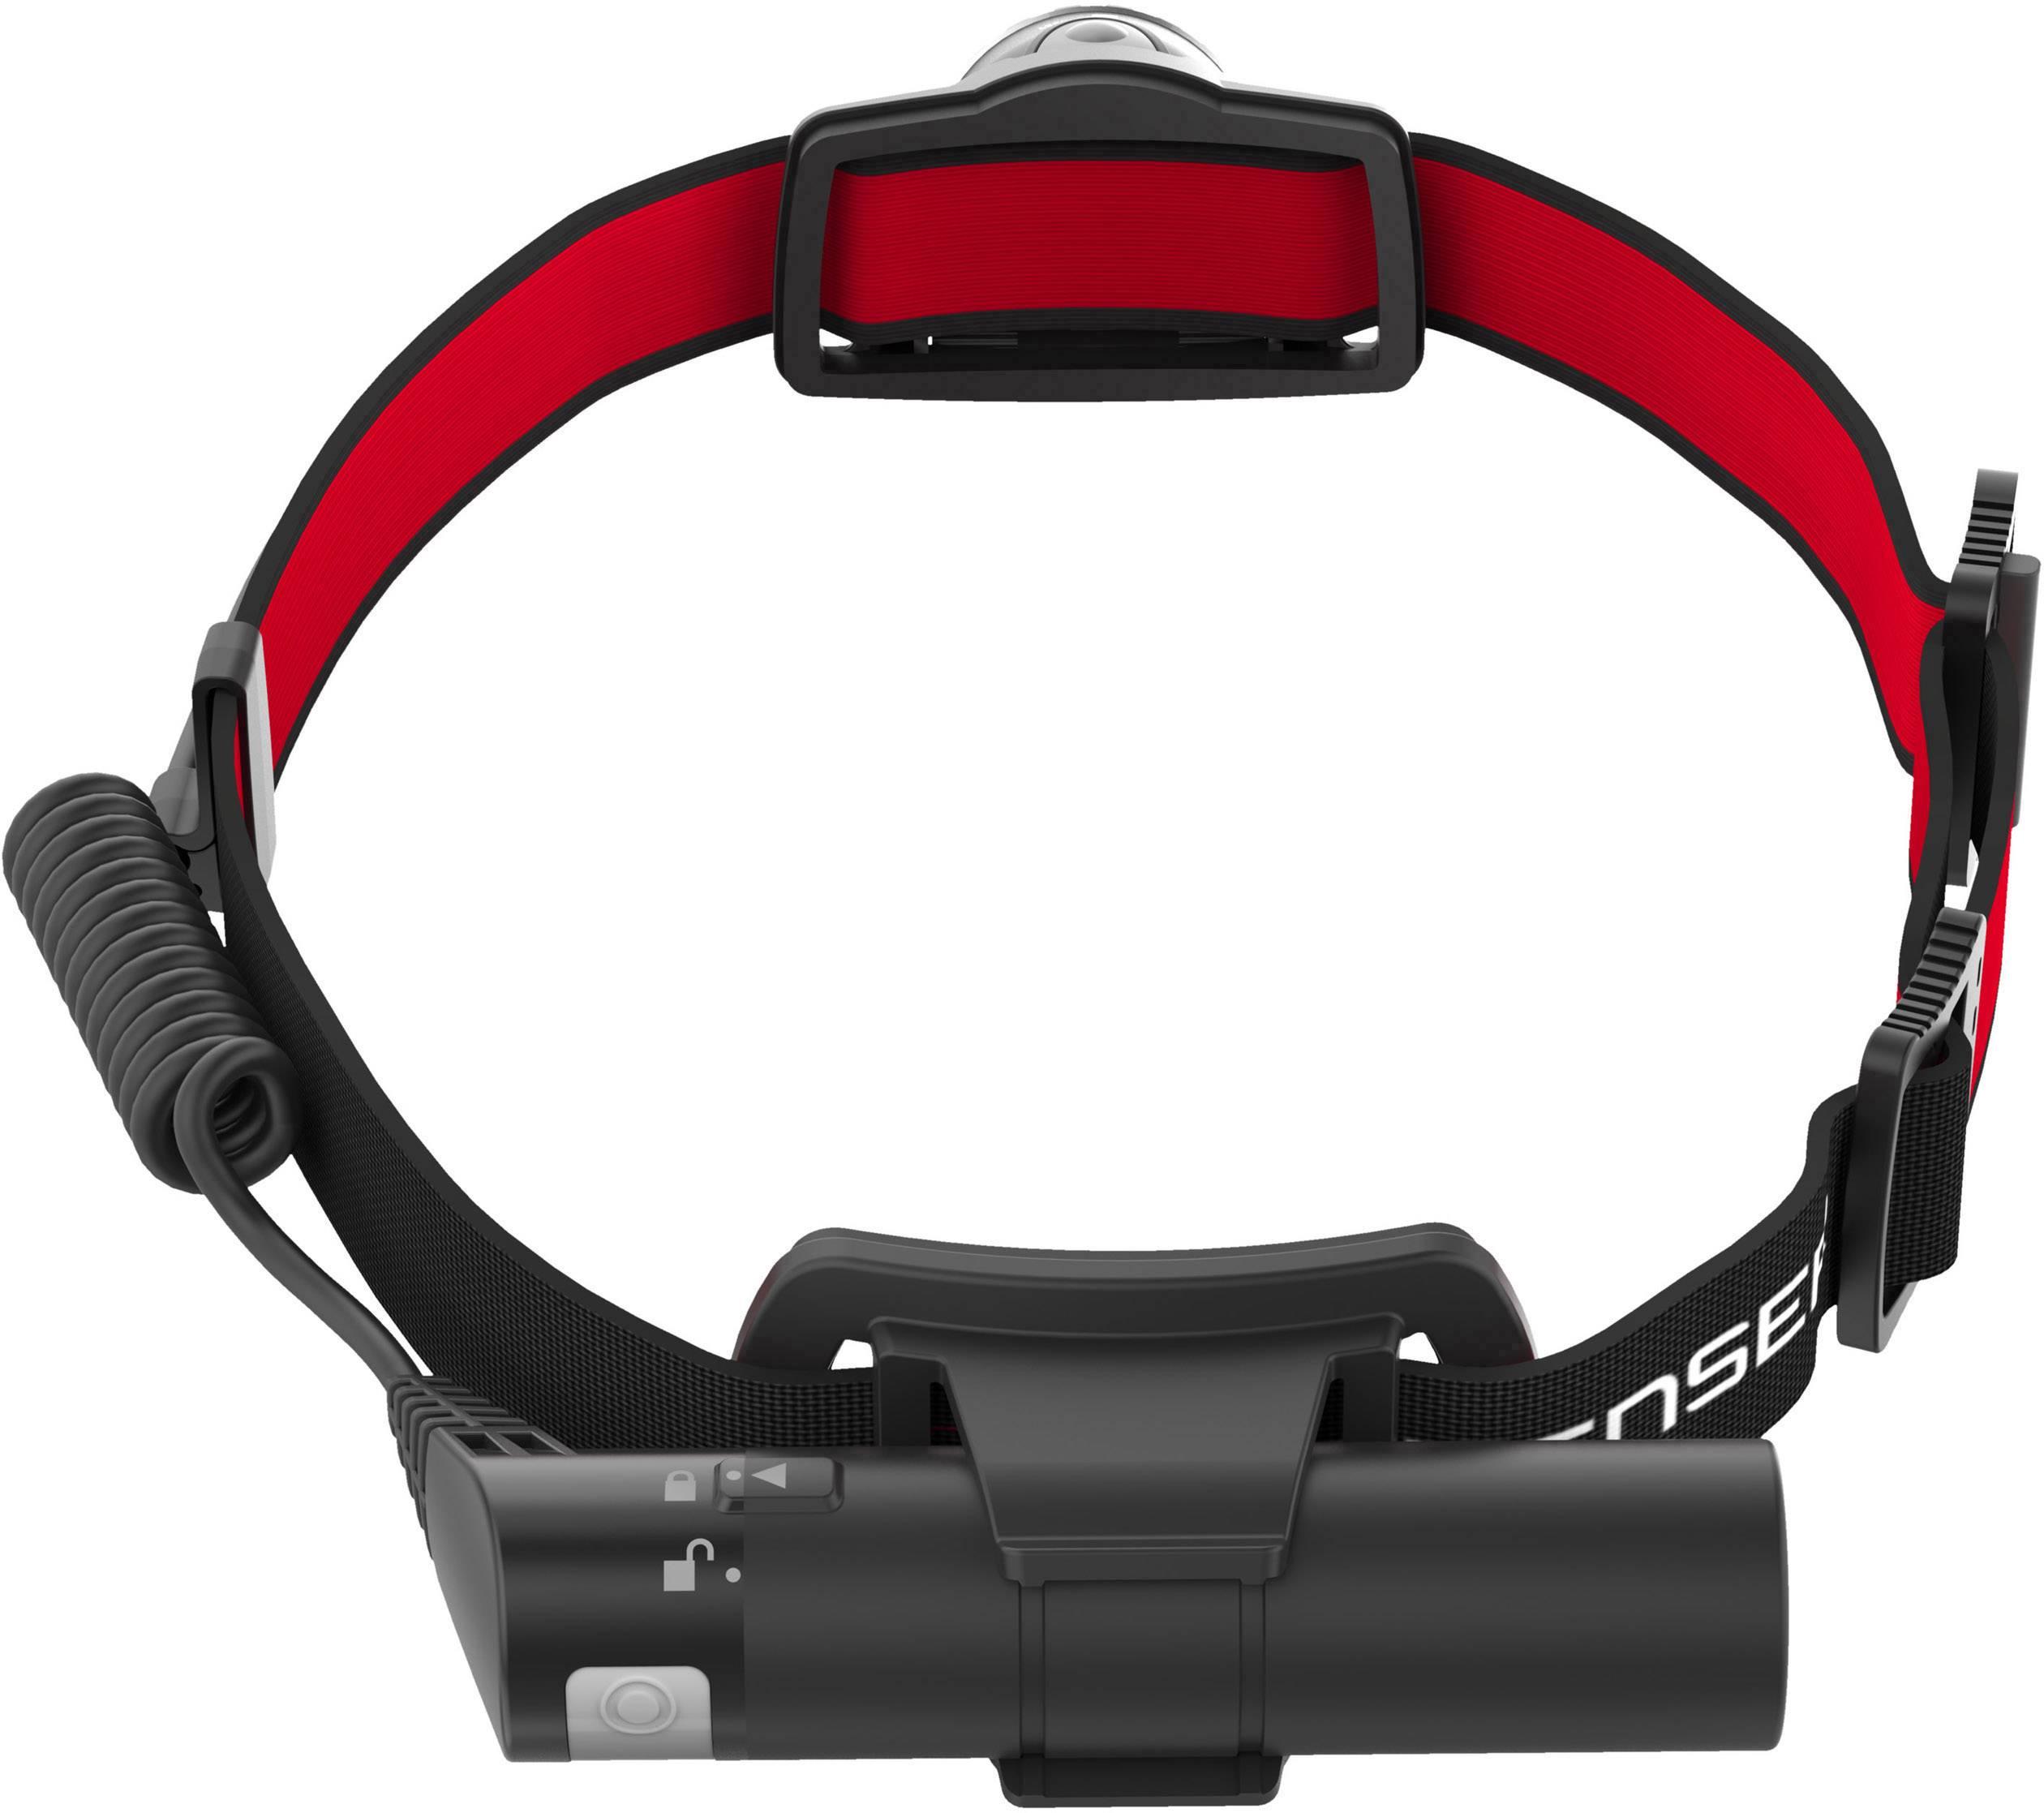 LED čelovka Ledlenser H8R 500852, napájeno akumulátorem, 158 g, černá, červená